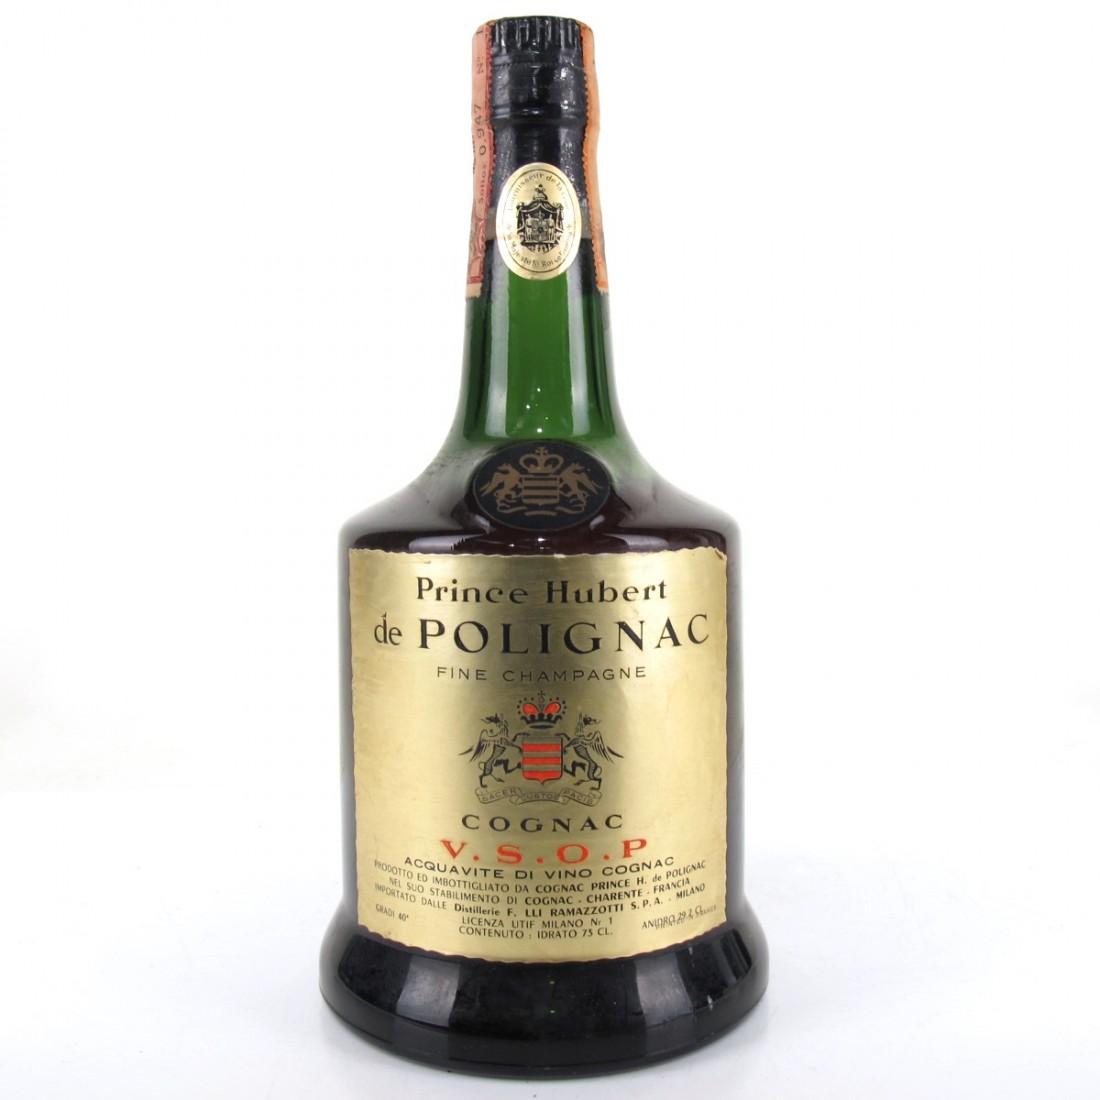 Prince Hubert de Polignac VSOP Cognac 1950/60s